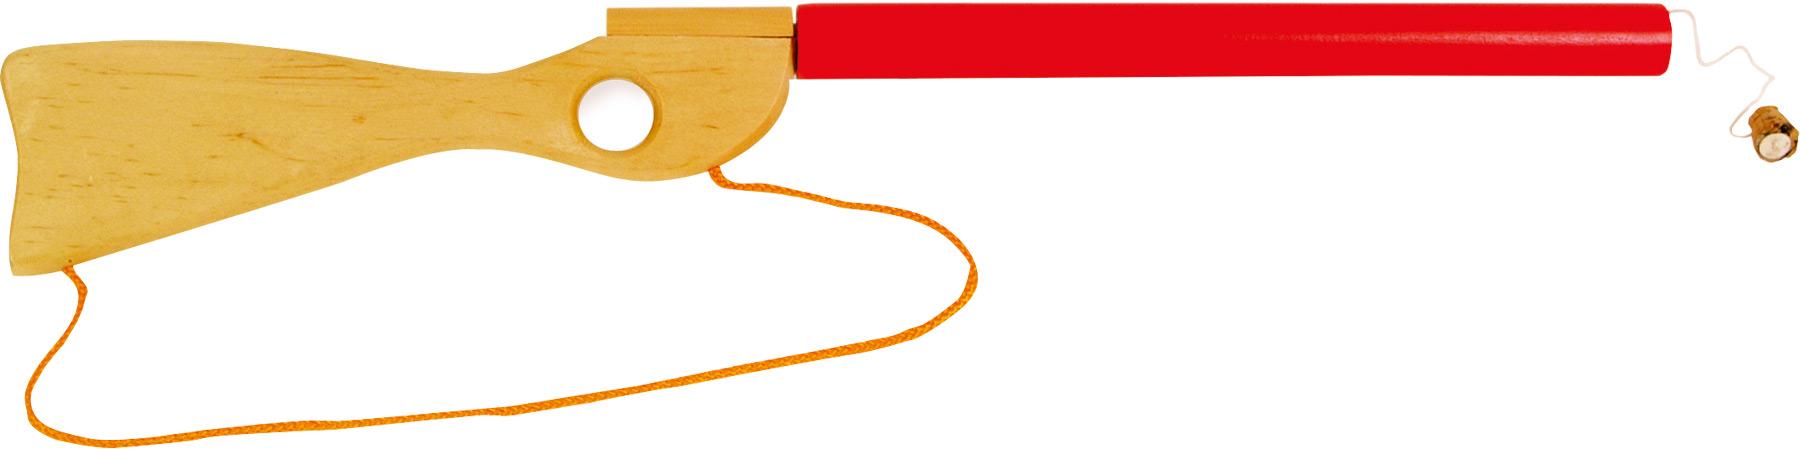 Dřevěné hračky pro kluky - Puška špuntovka